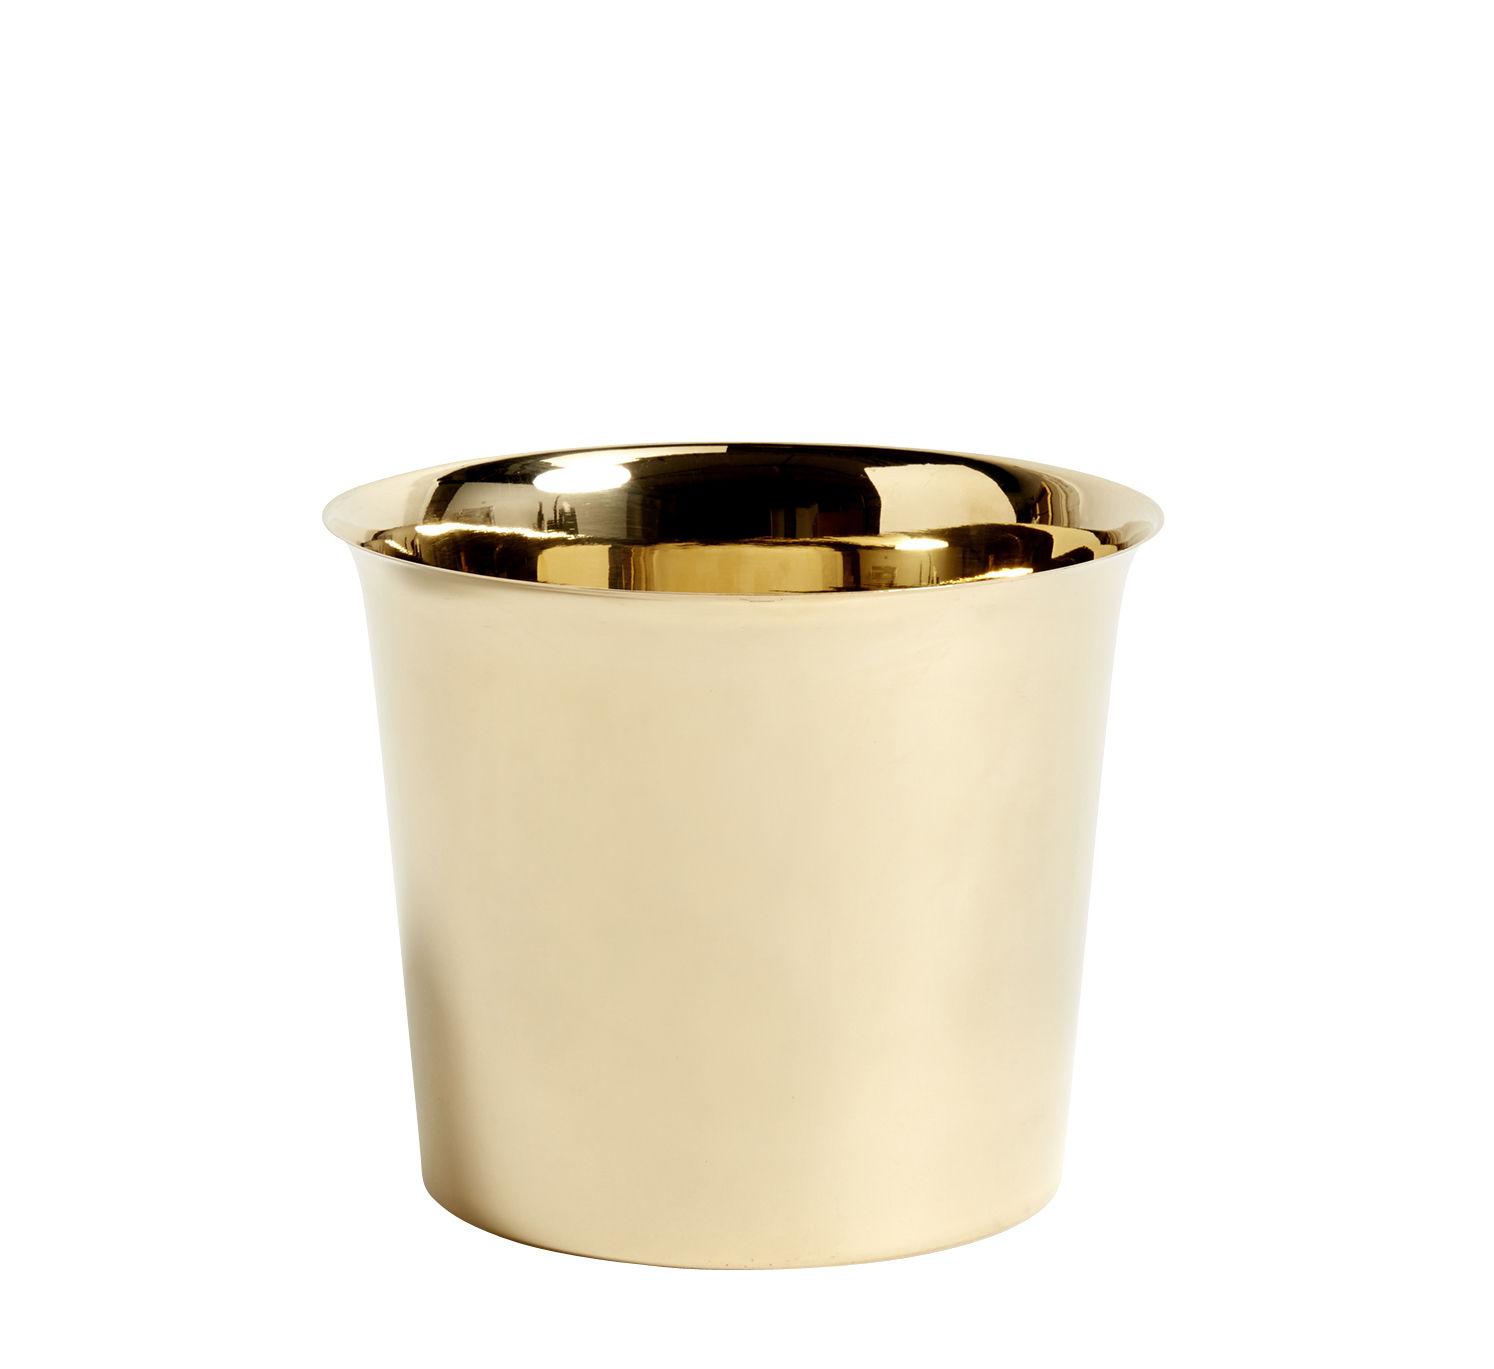 Déco - Pots et plantes - Pot de fleurs Botanical Large /Ø18 cm - Laiton - Hay - Pot / Or - Laiton